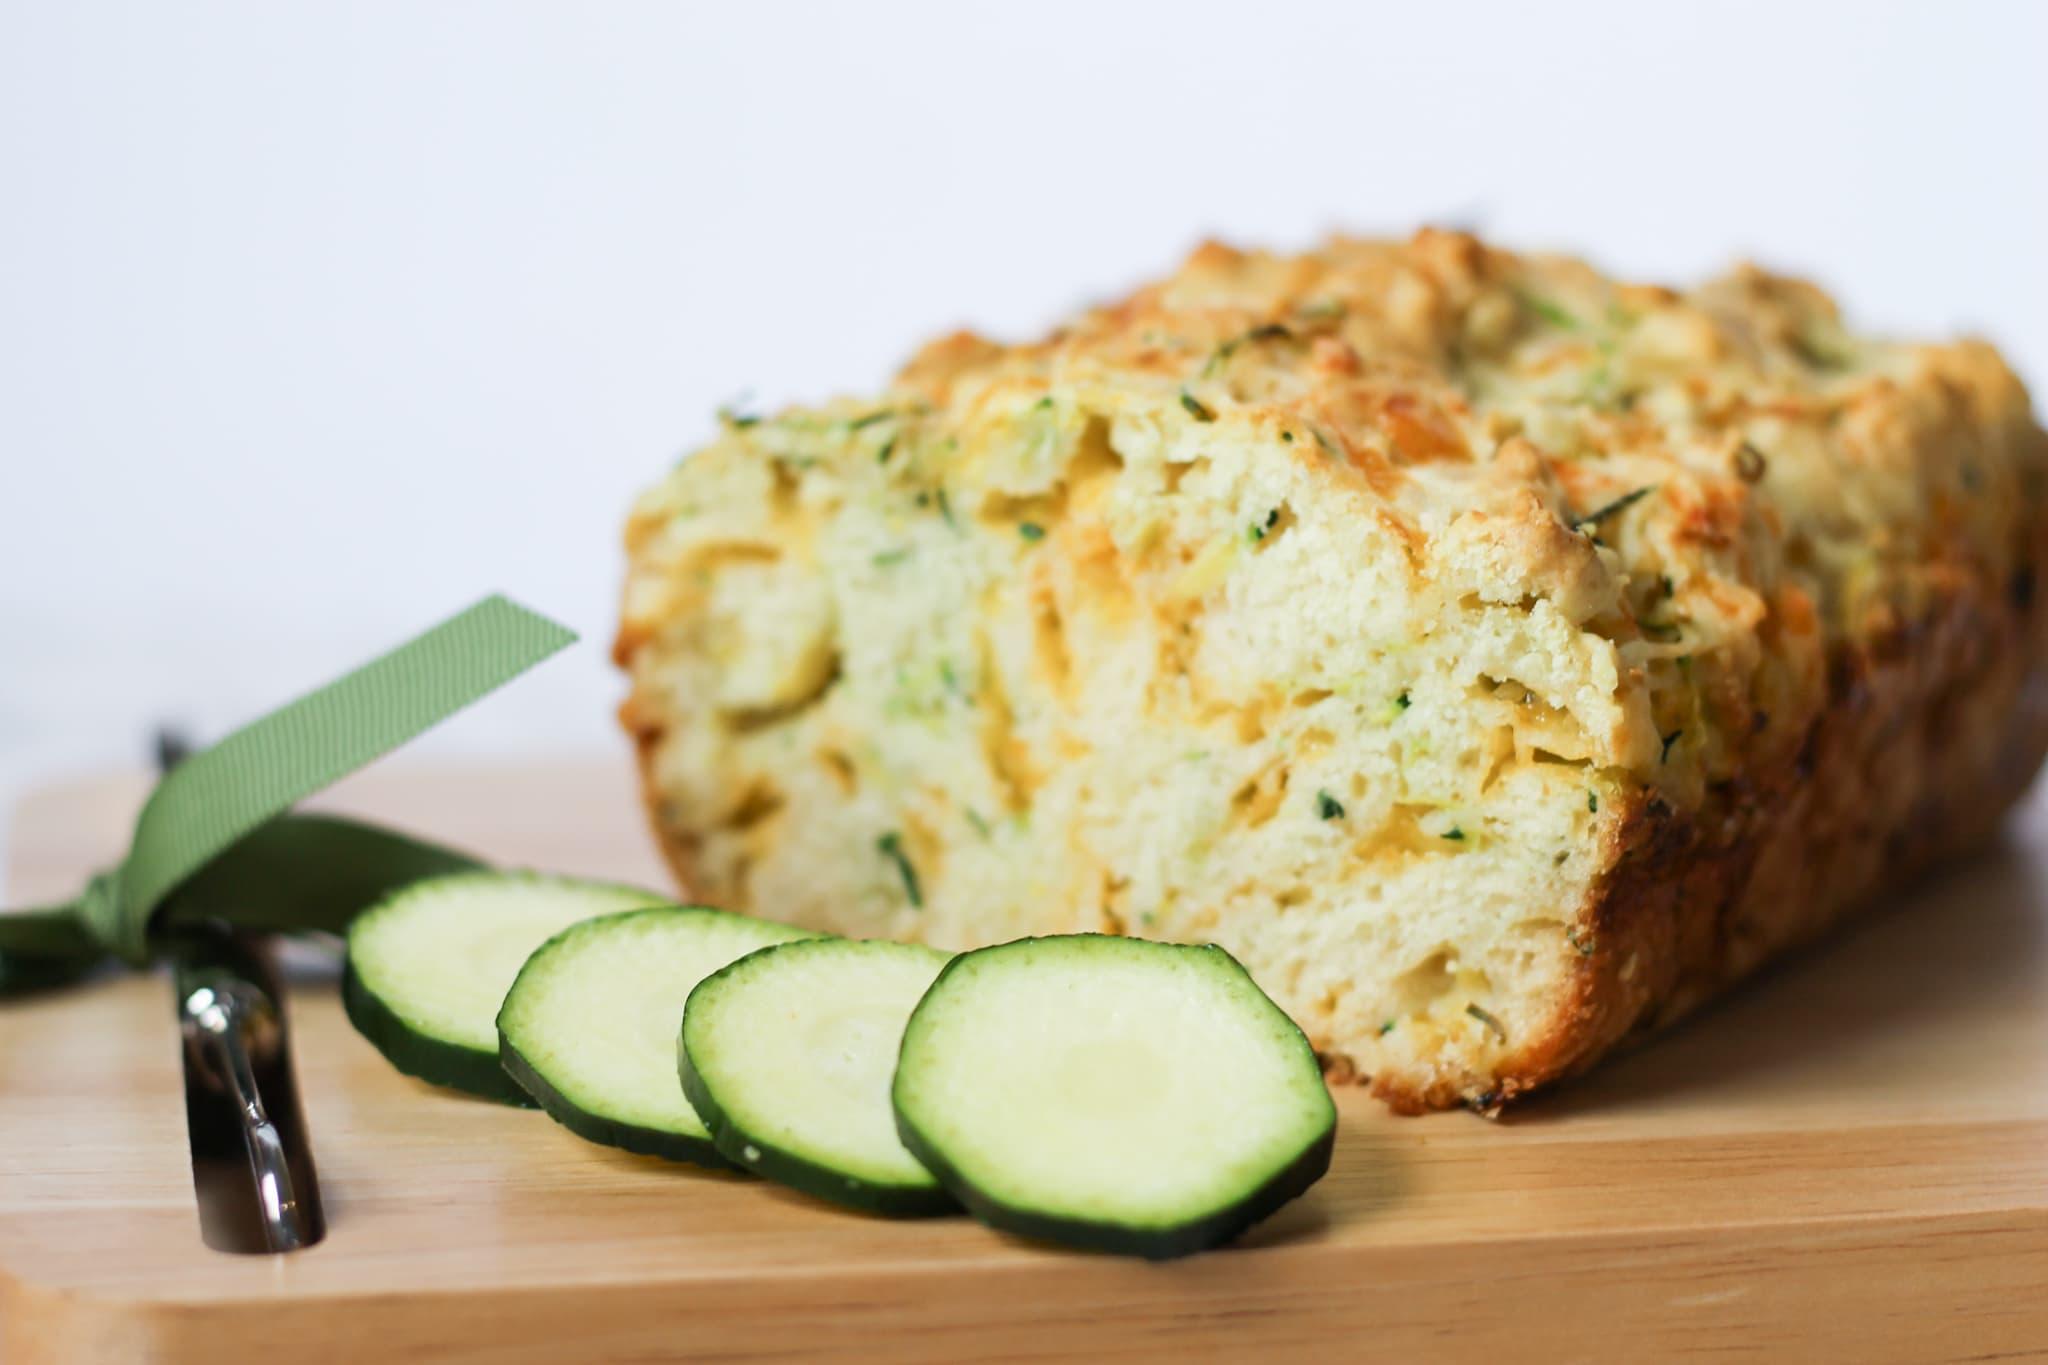 Zucchini Loaf on cutting board